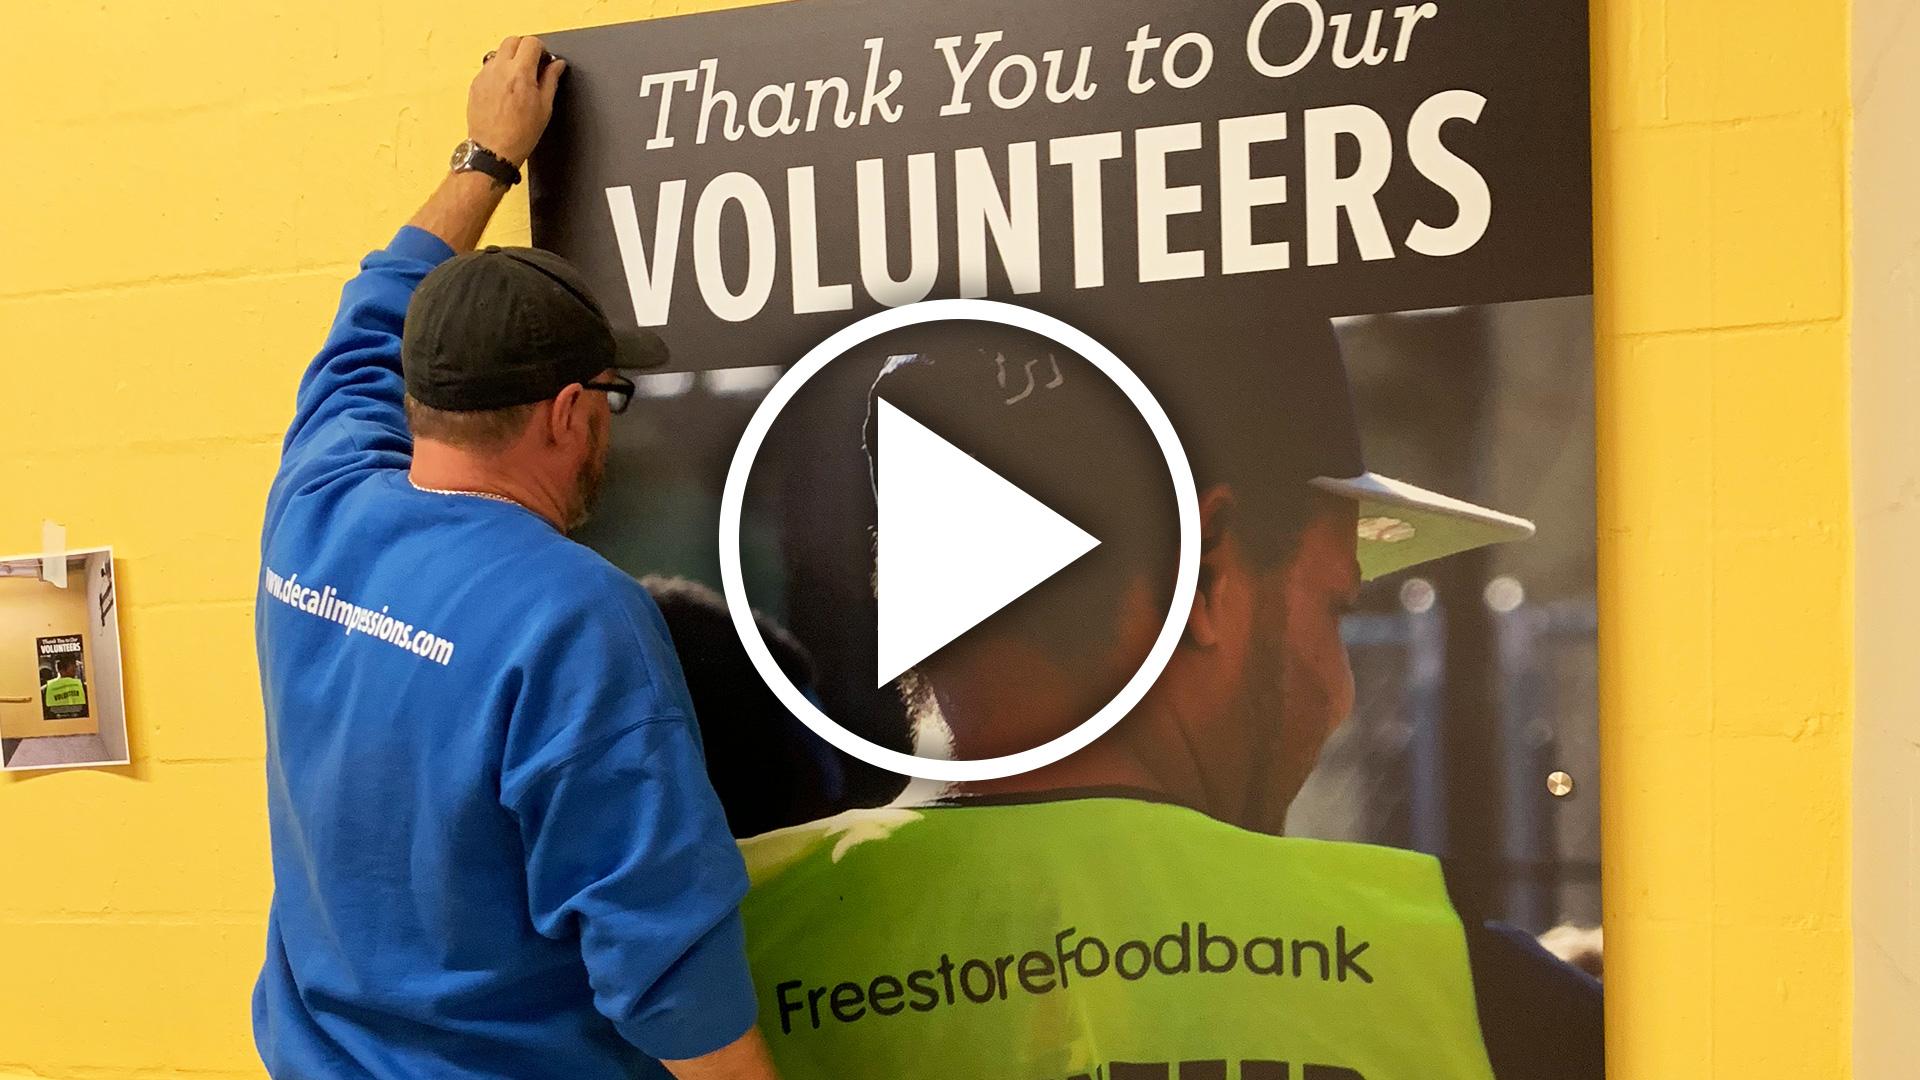 Liberty Street Market Volunteer Board Install